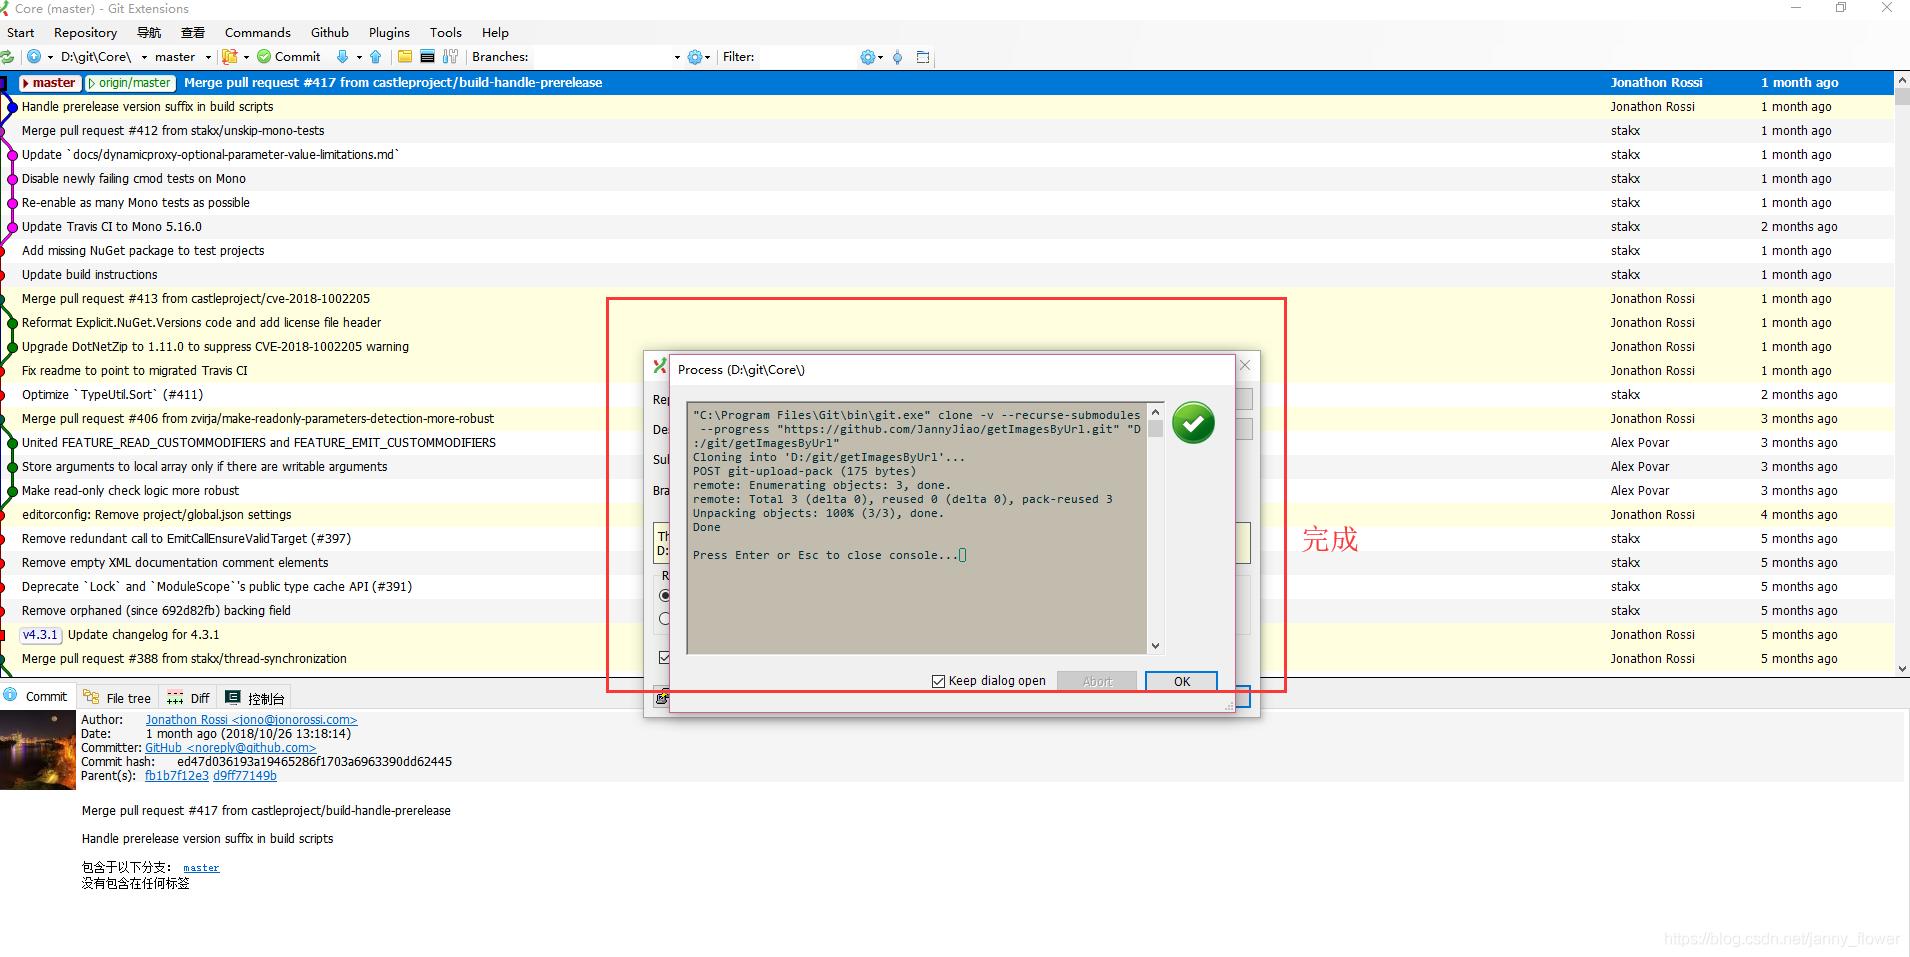 代码管理】Git Extensions使用技巧- janny_flower的博客- CSDN博客